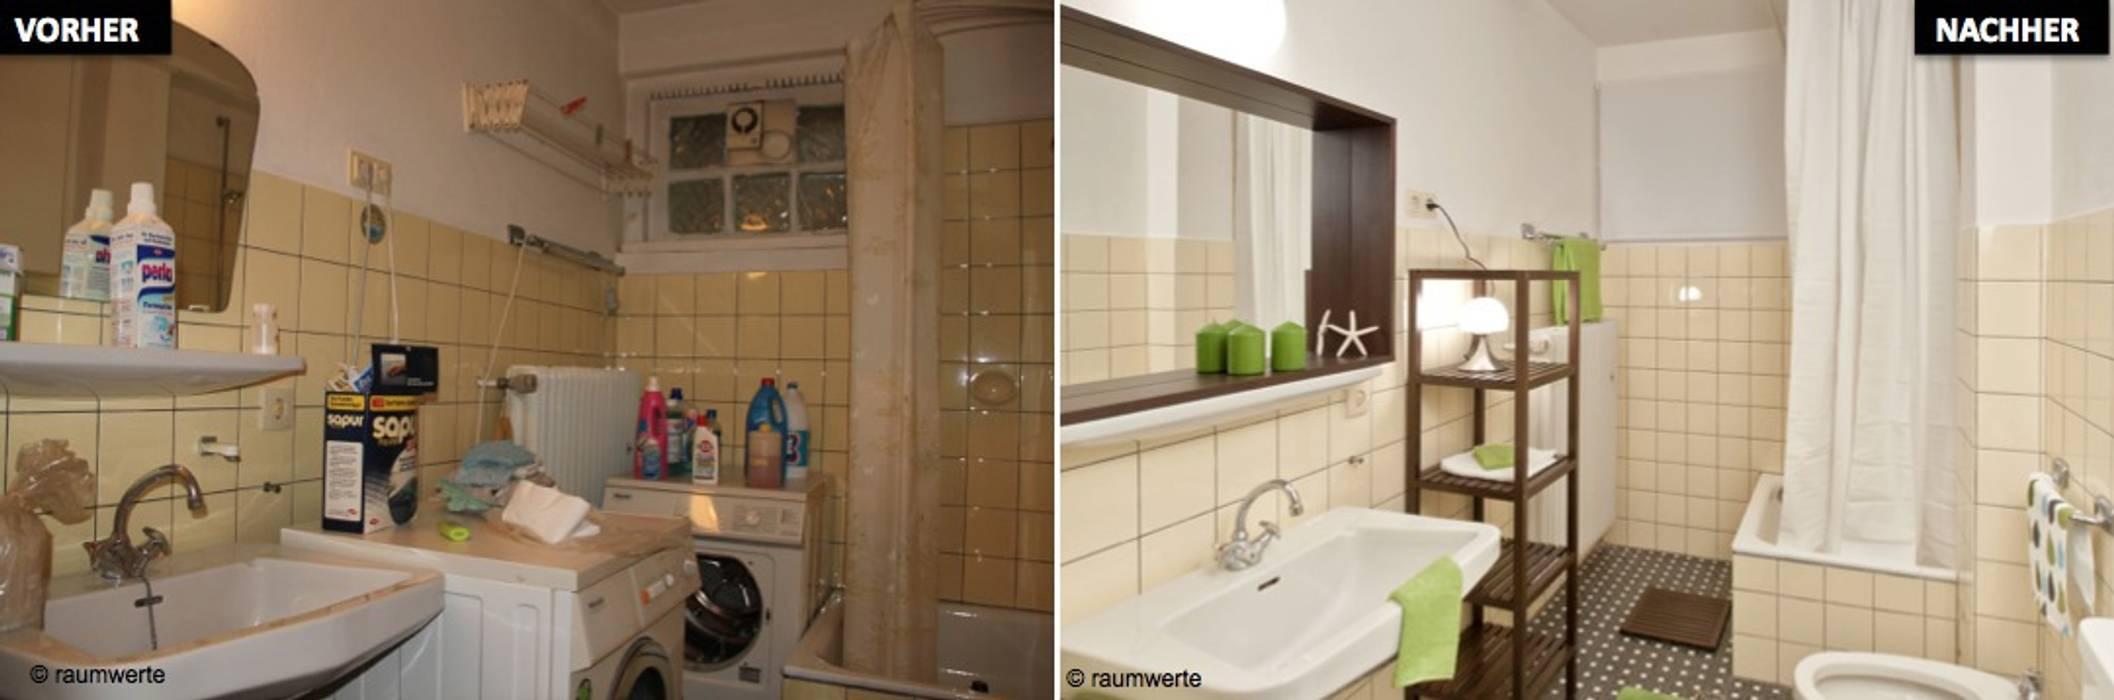 Home Staging Erbimmobilie Siebziger Jahre Badezimmer von raumwerte Home Staging